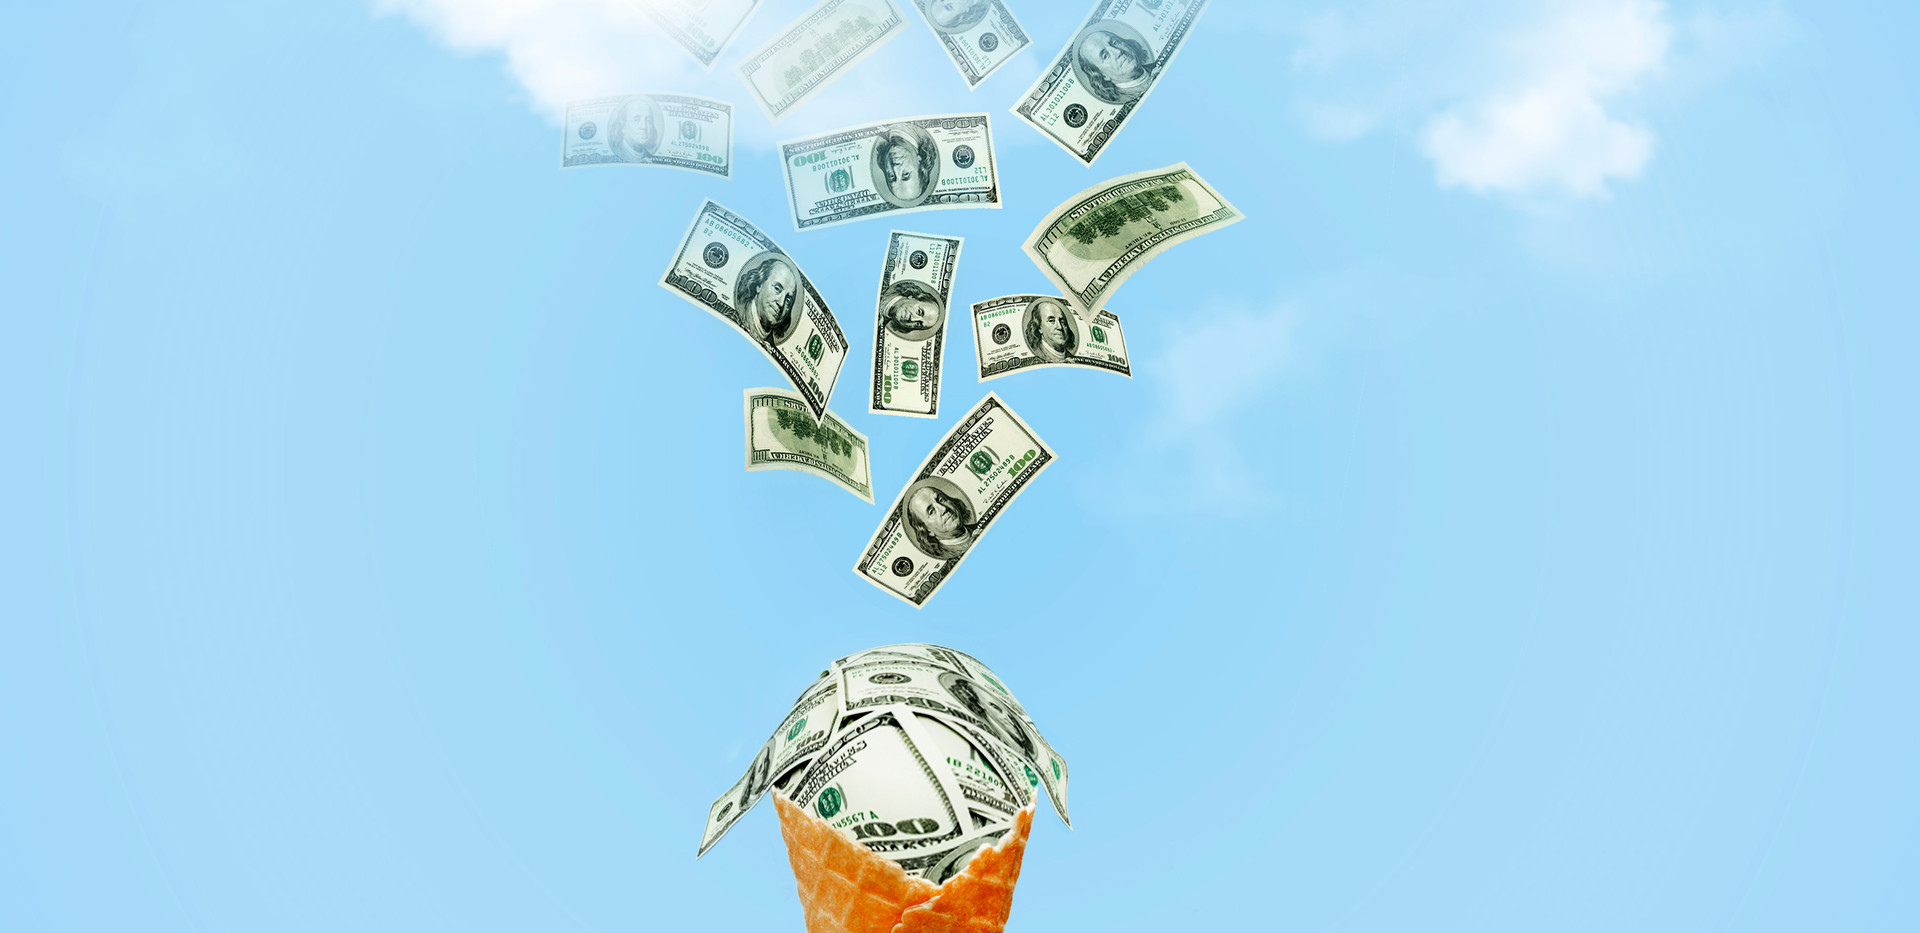 Money drop.jpg